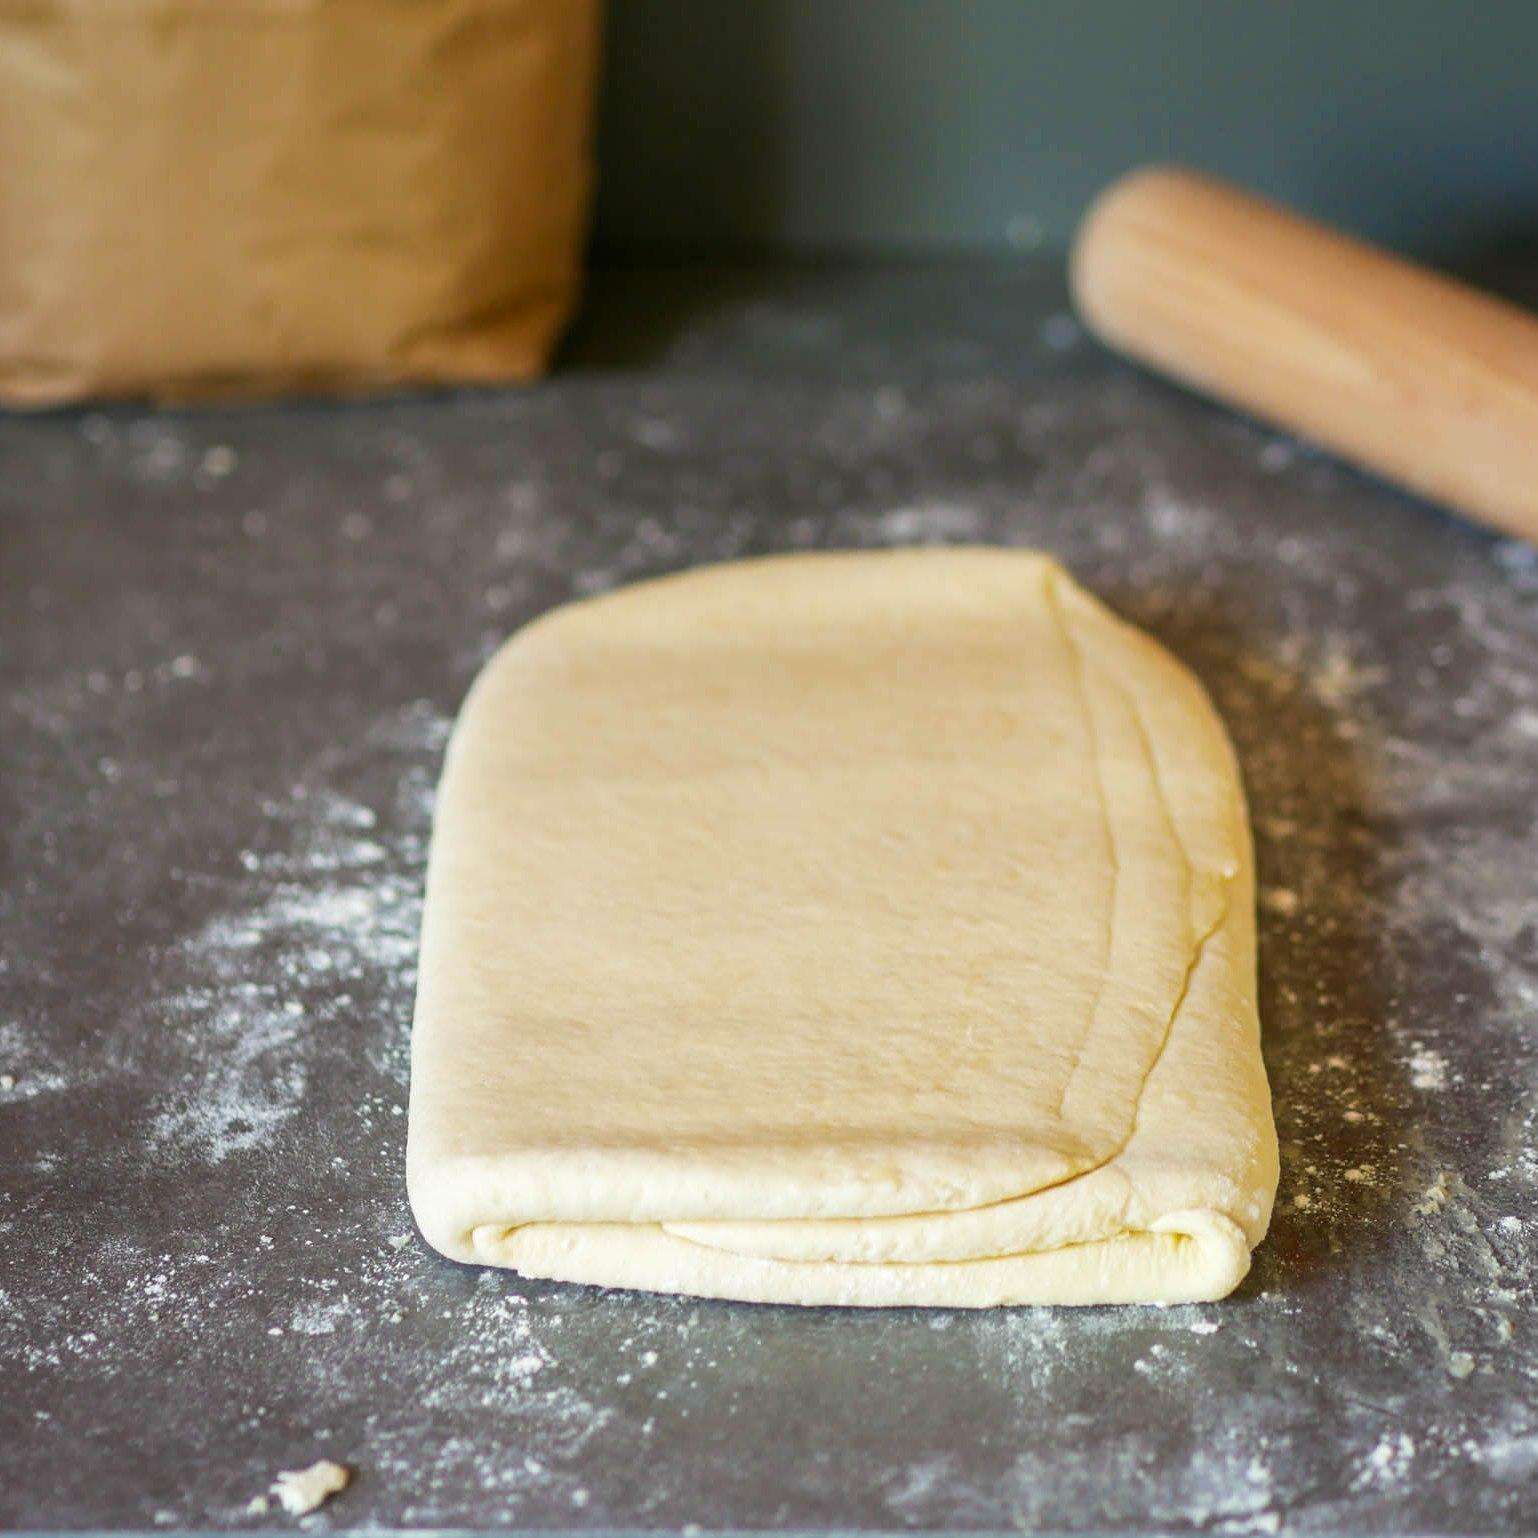 Après 4 tours, on dispose la pâte au frigo pour 30 minutes.